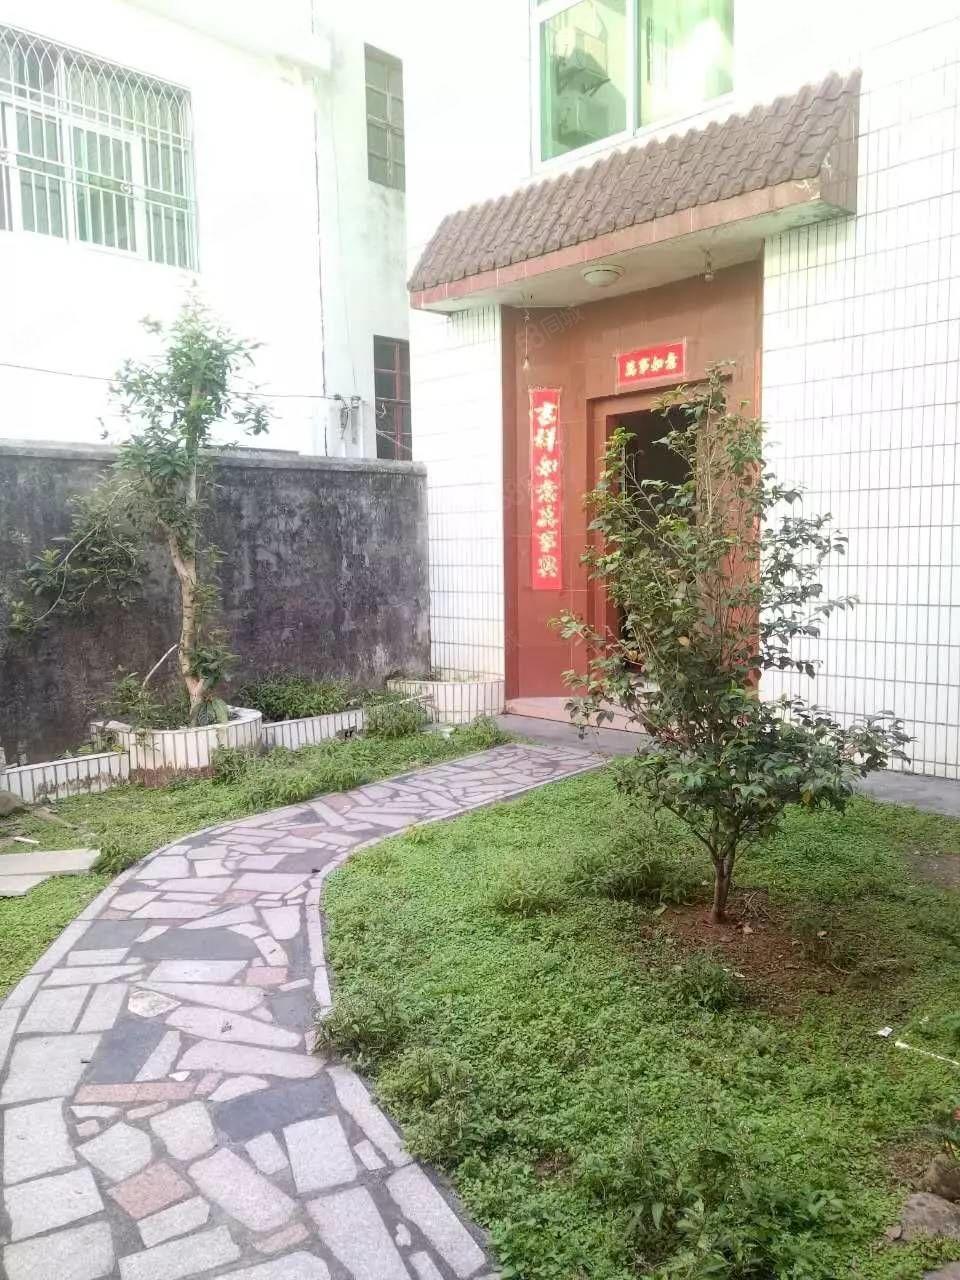 南岗栋房出售,家小院风格,住家舒适温馨。